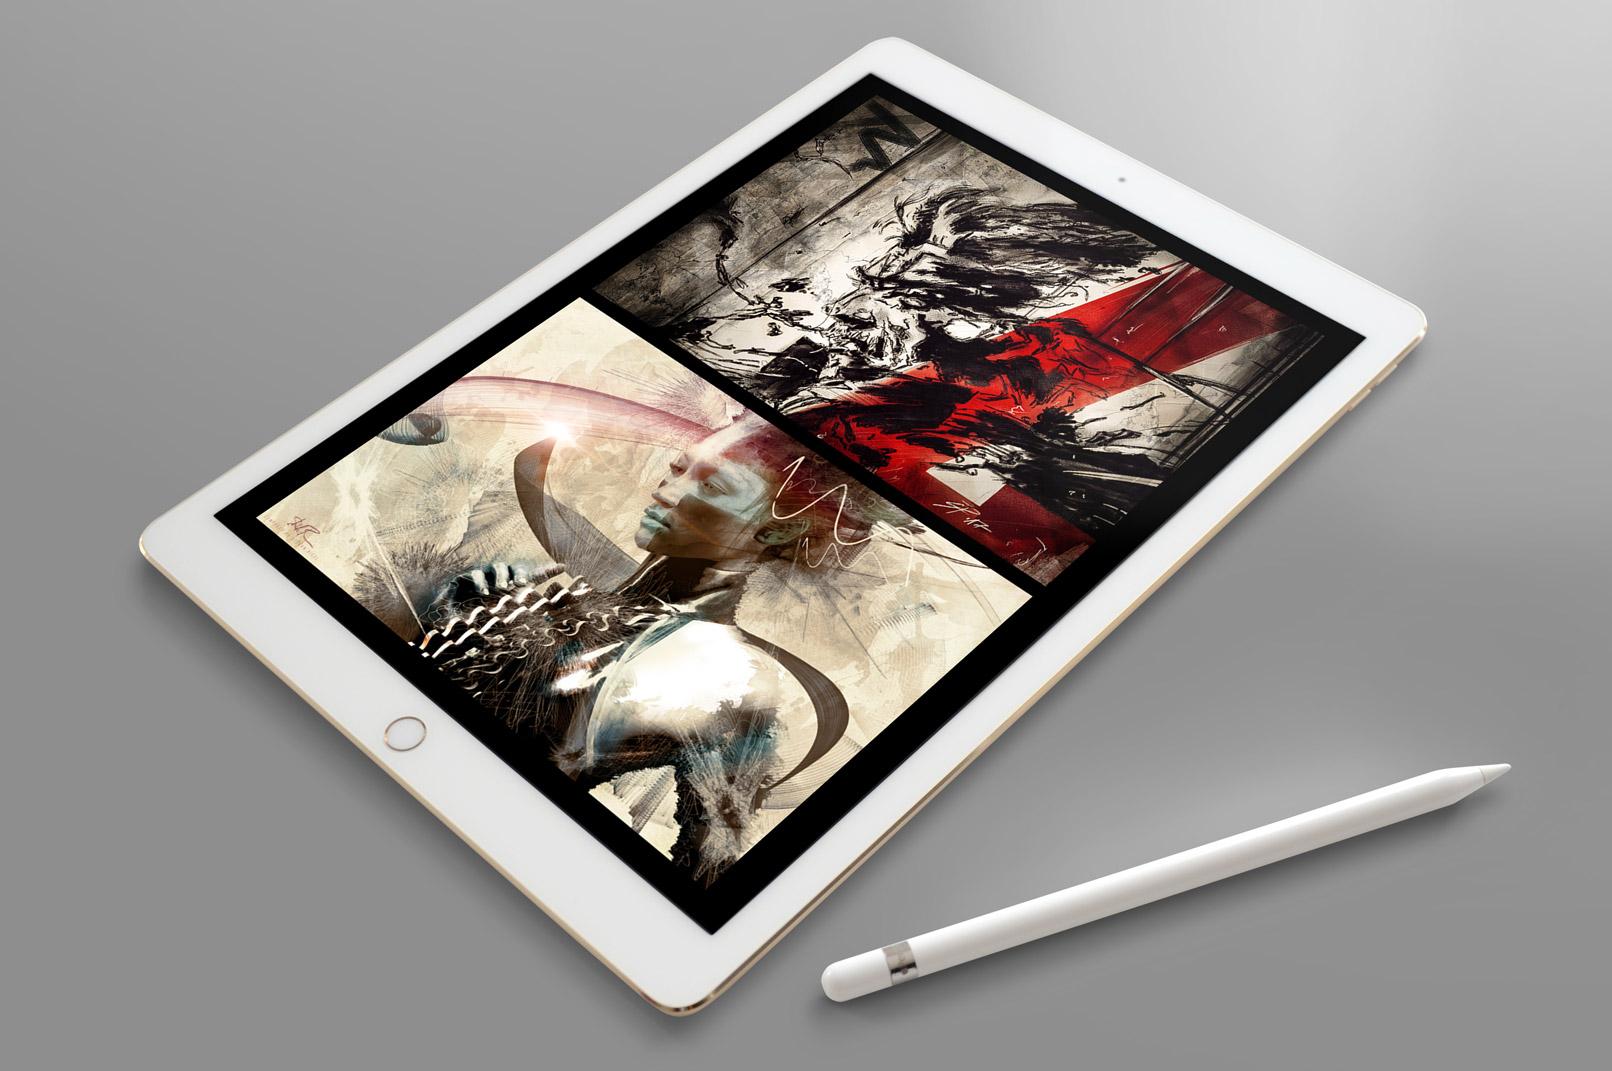 Kreative Anwendung von Pinselspitzen zur Anfertigung kunstvoller Artworks. Erstelle einen eigenen Photoshop Brush!